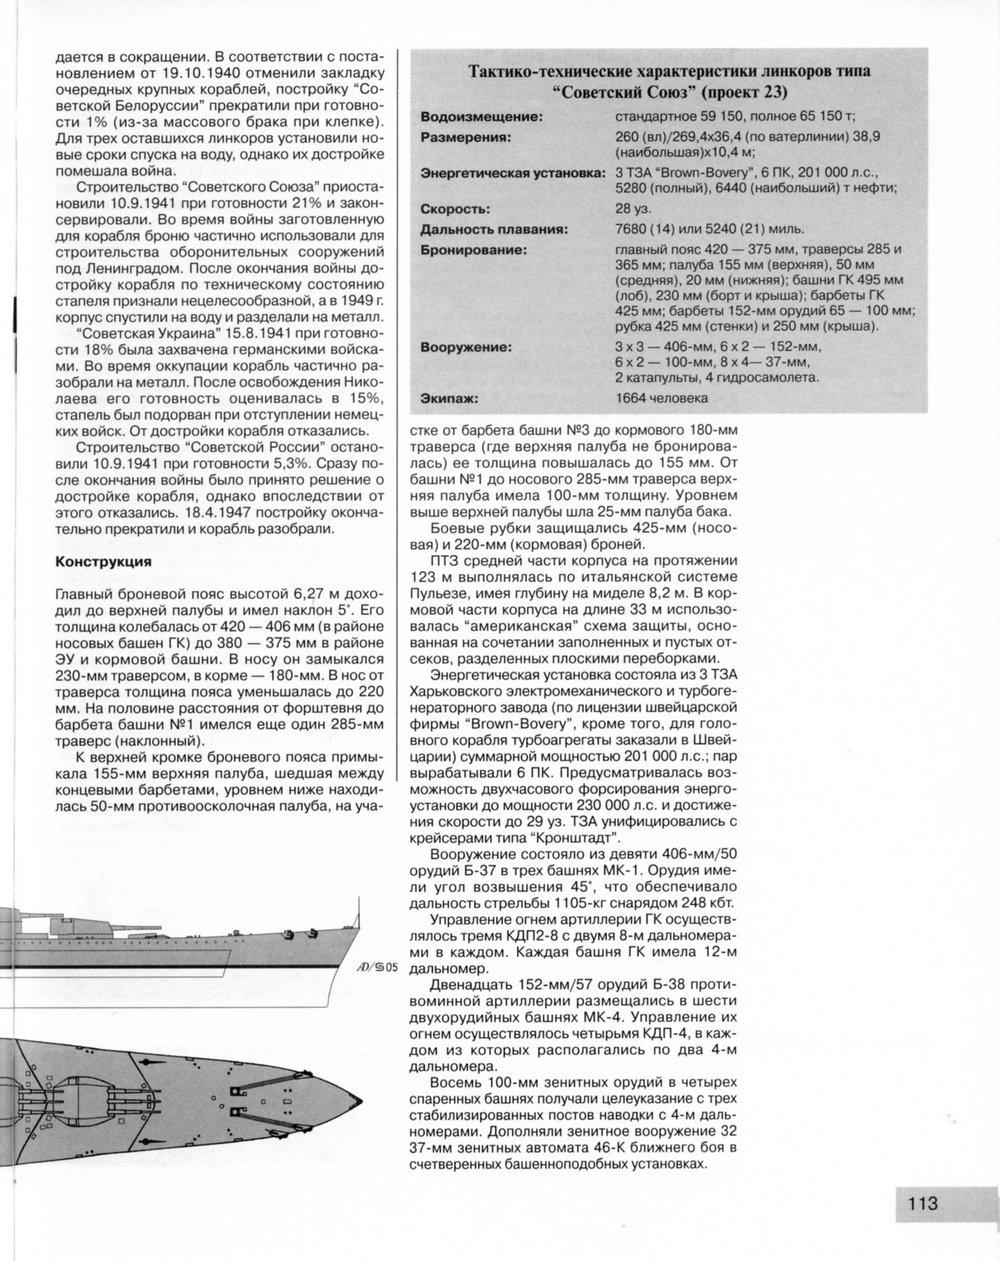 http://images.vfl.ru/ii/1365078251/1da8d71f/2080461.jpg